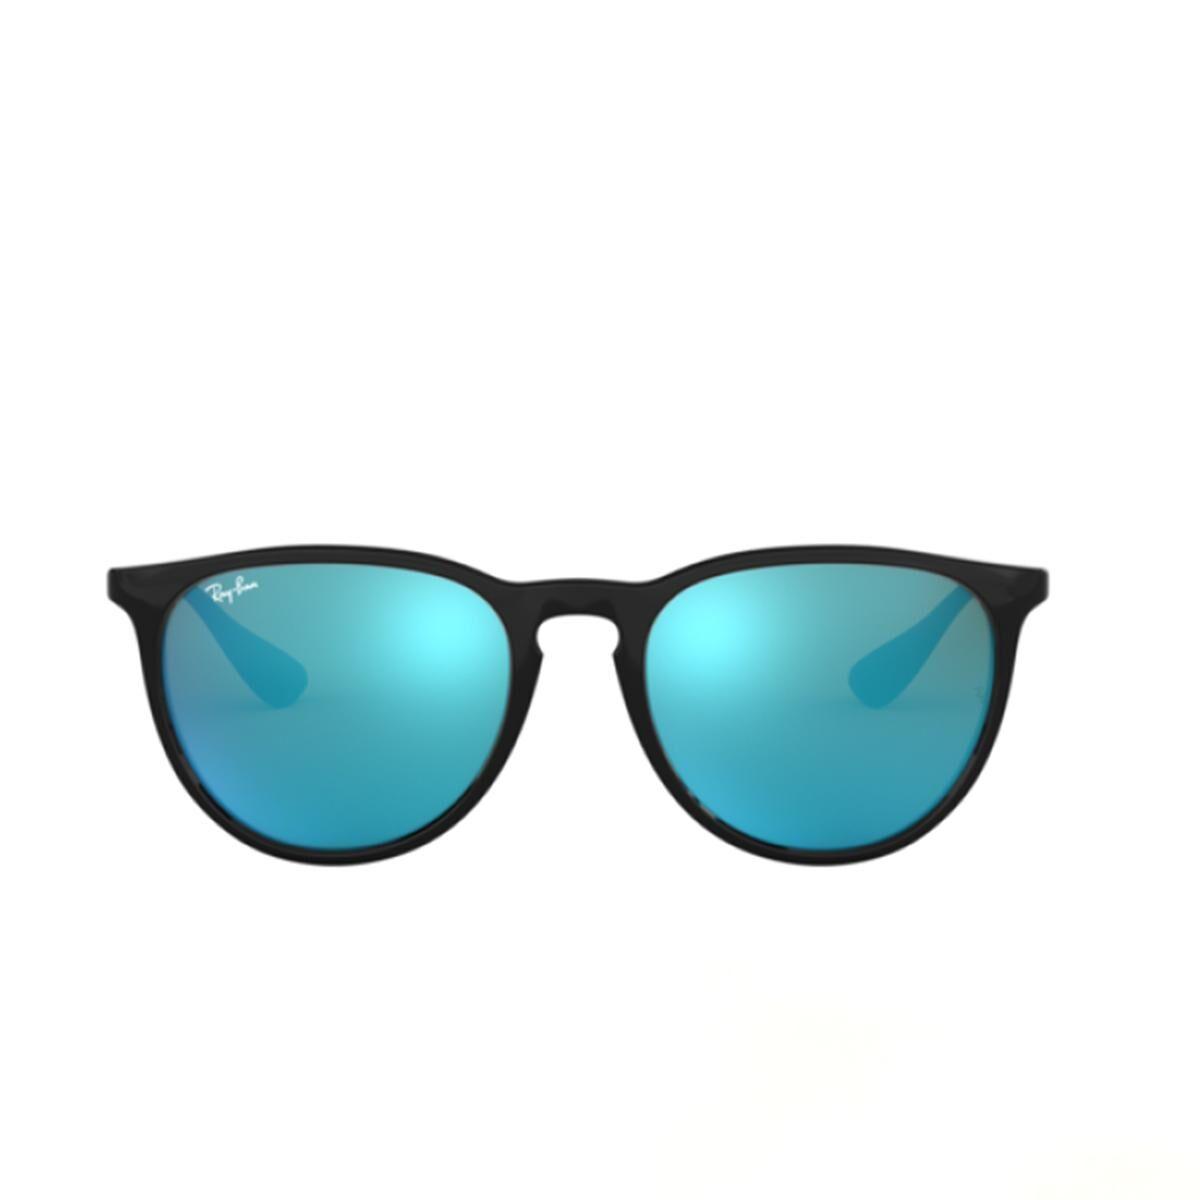 ray-ban occhiali da sole erika rb4171 601/55